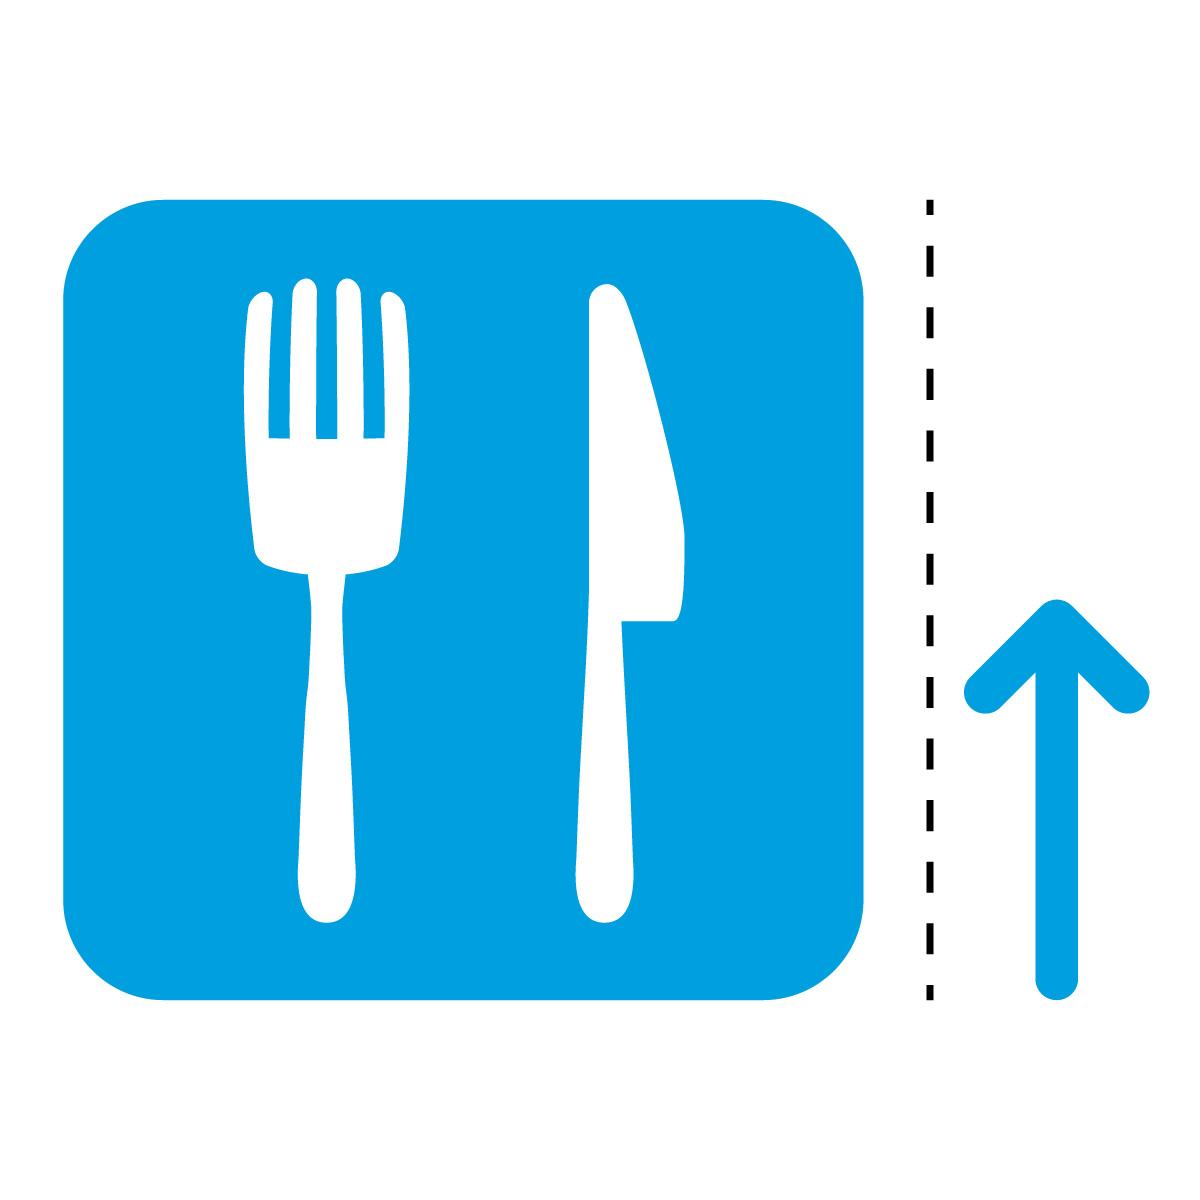 青色の飲食店 食事処 食堂 案内 マーク(矢印付き)のカッティング ステッカー シール 光沢タイプ・防水・耐水・屋外耐候3~4年